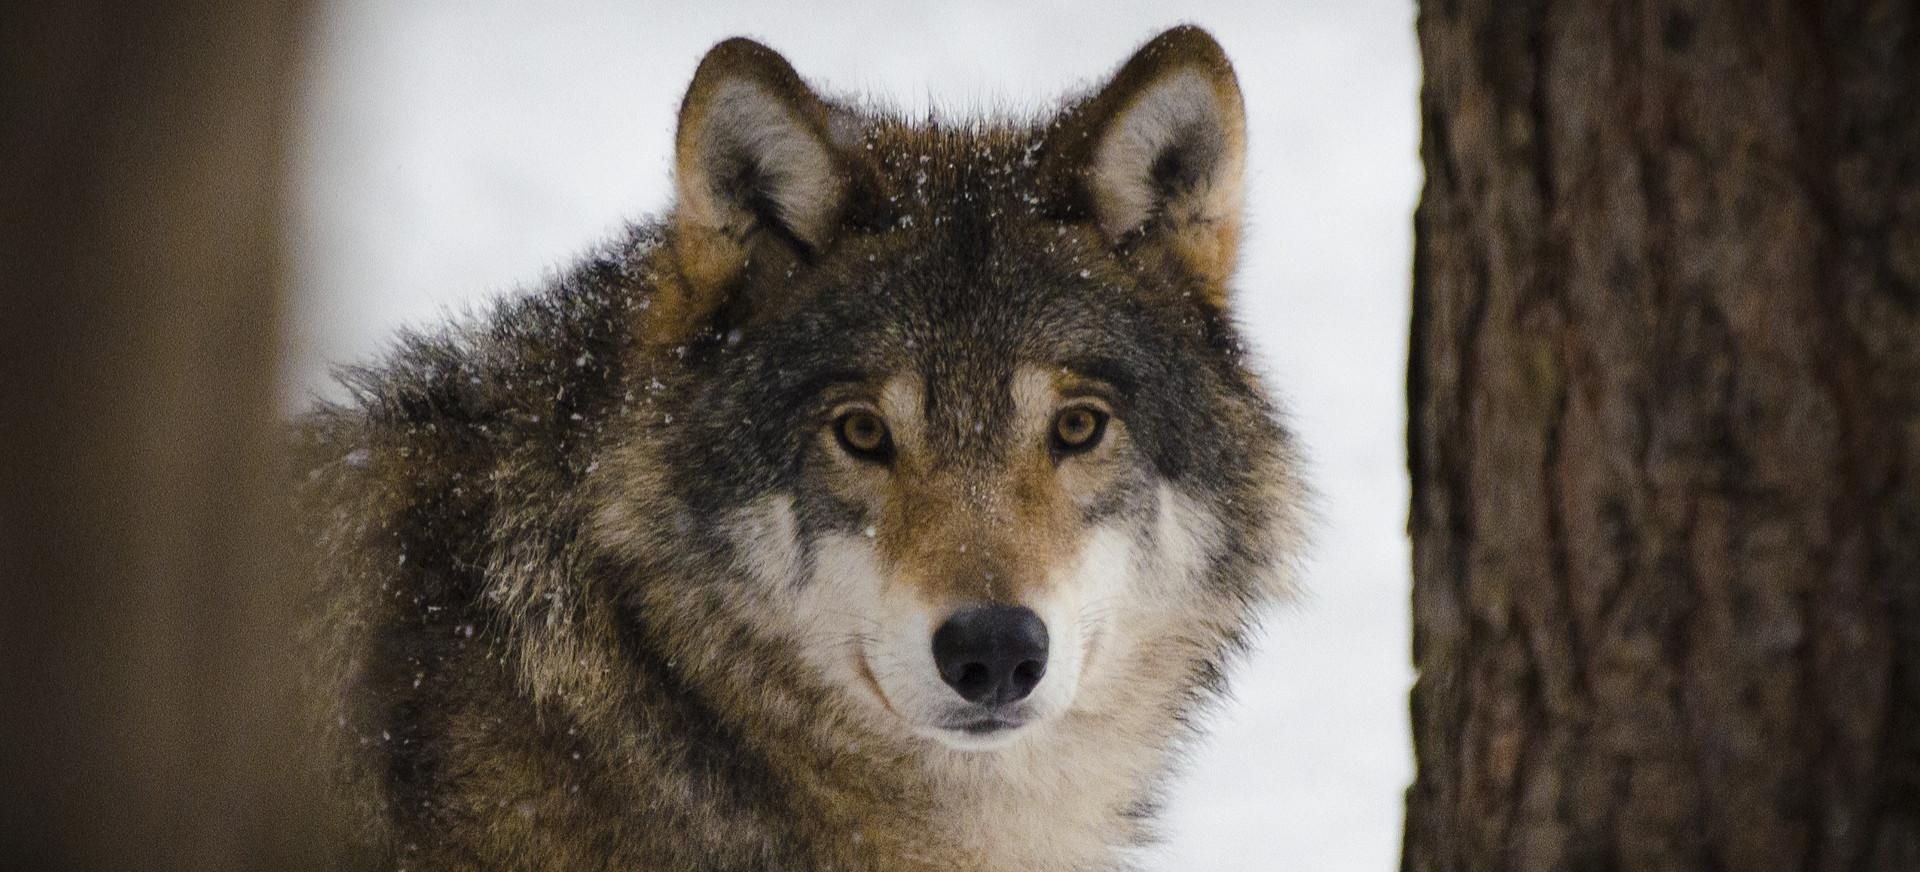 GMINA KOMAŃCZA. Wilki zagryzły psa w obecności trójki dzieci!